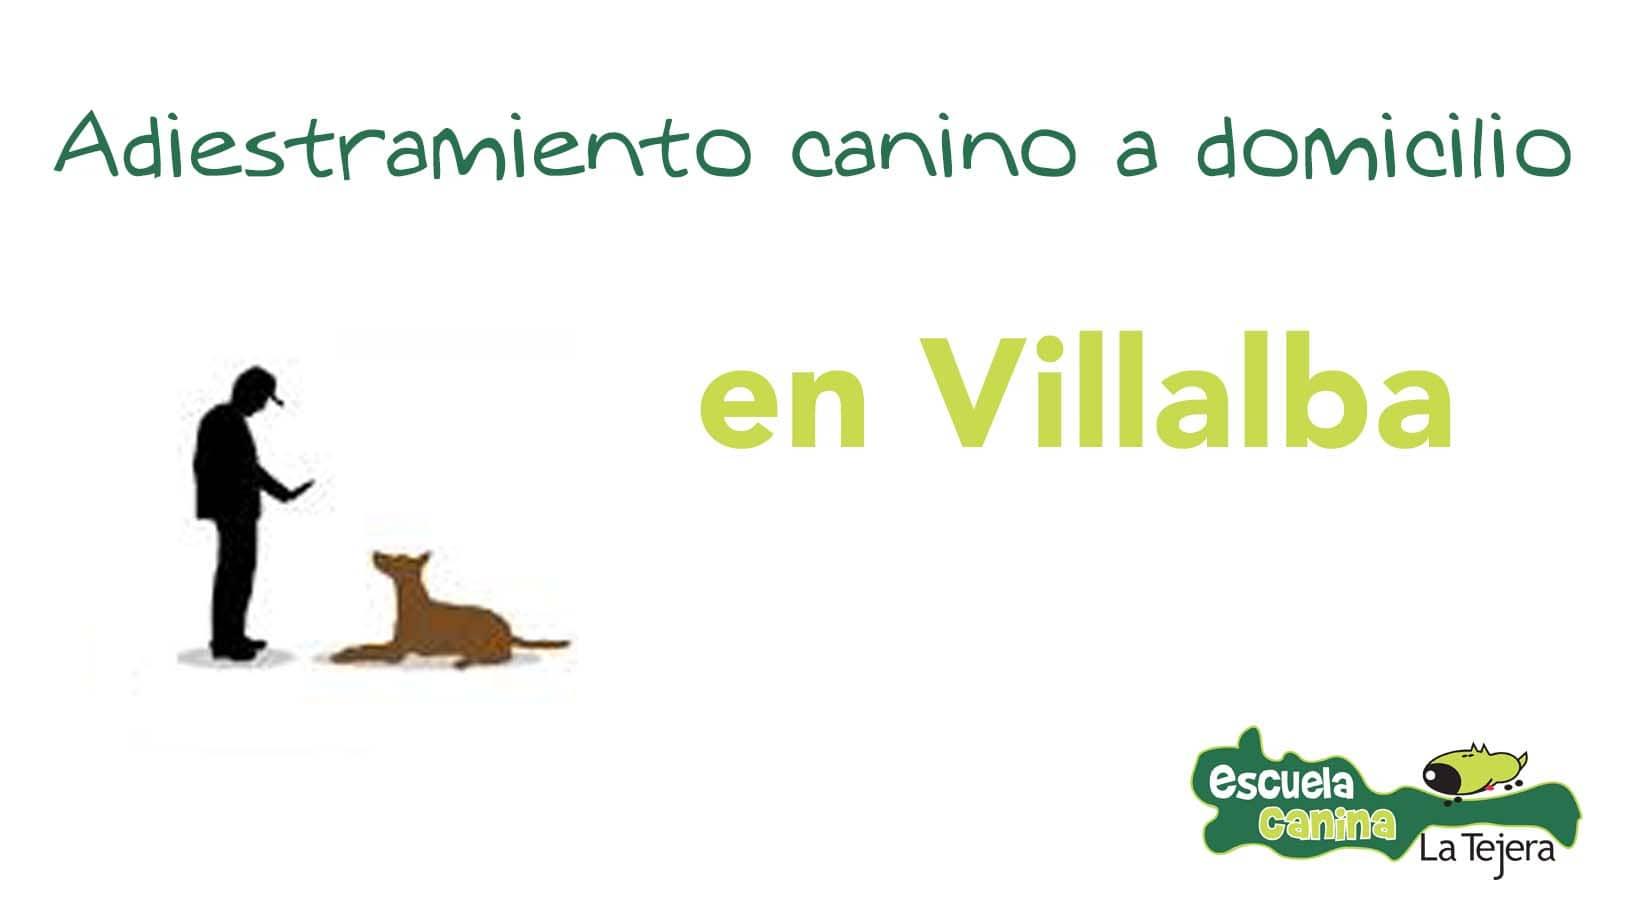 adiestramiento_domicilio_villalba